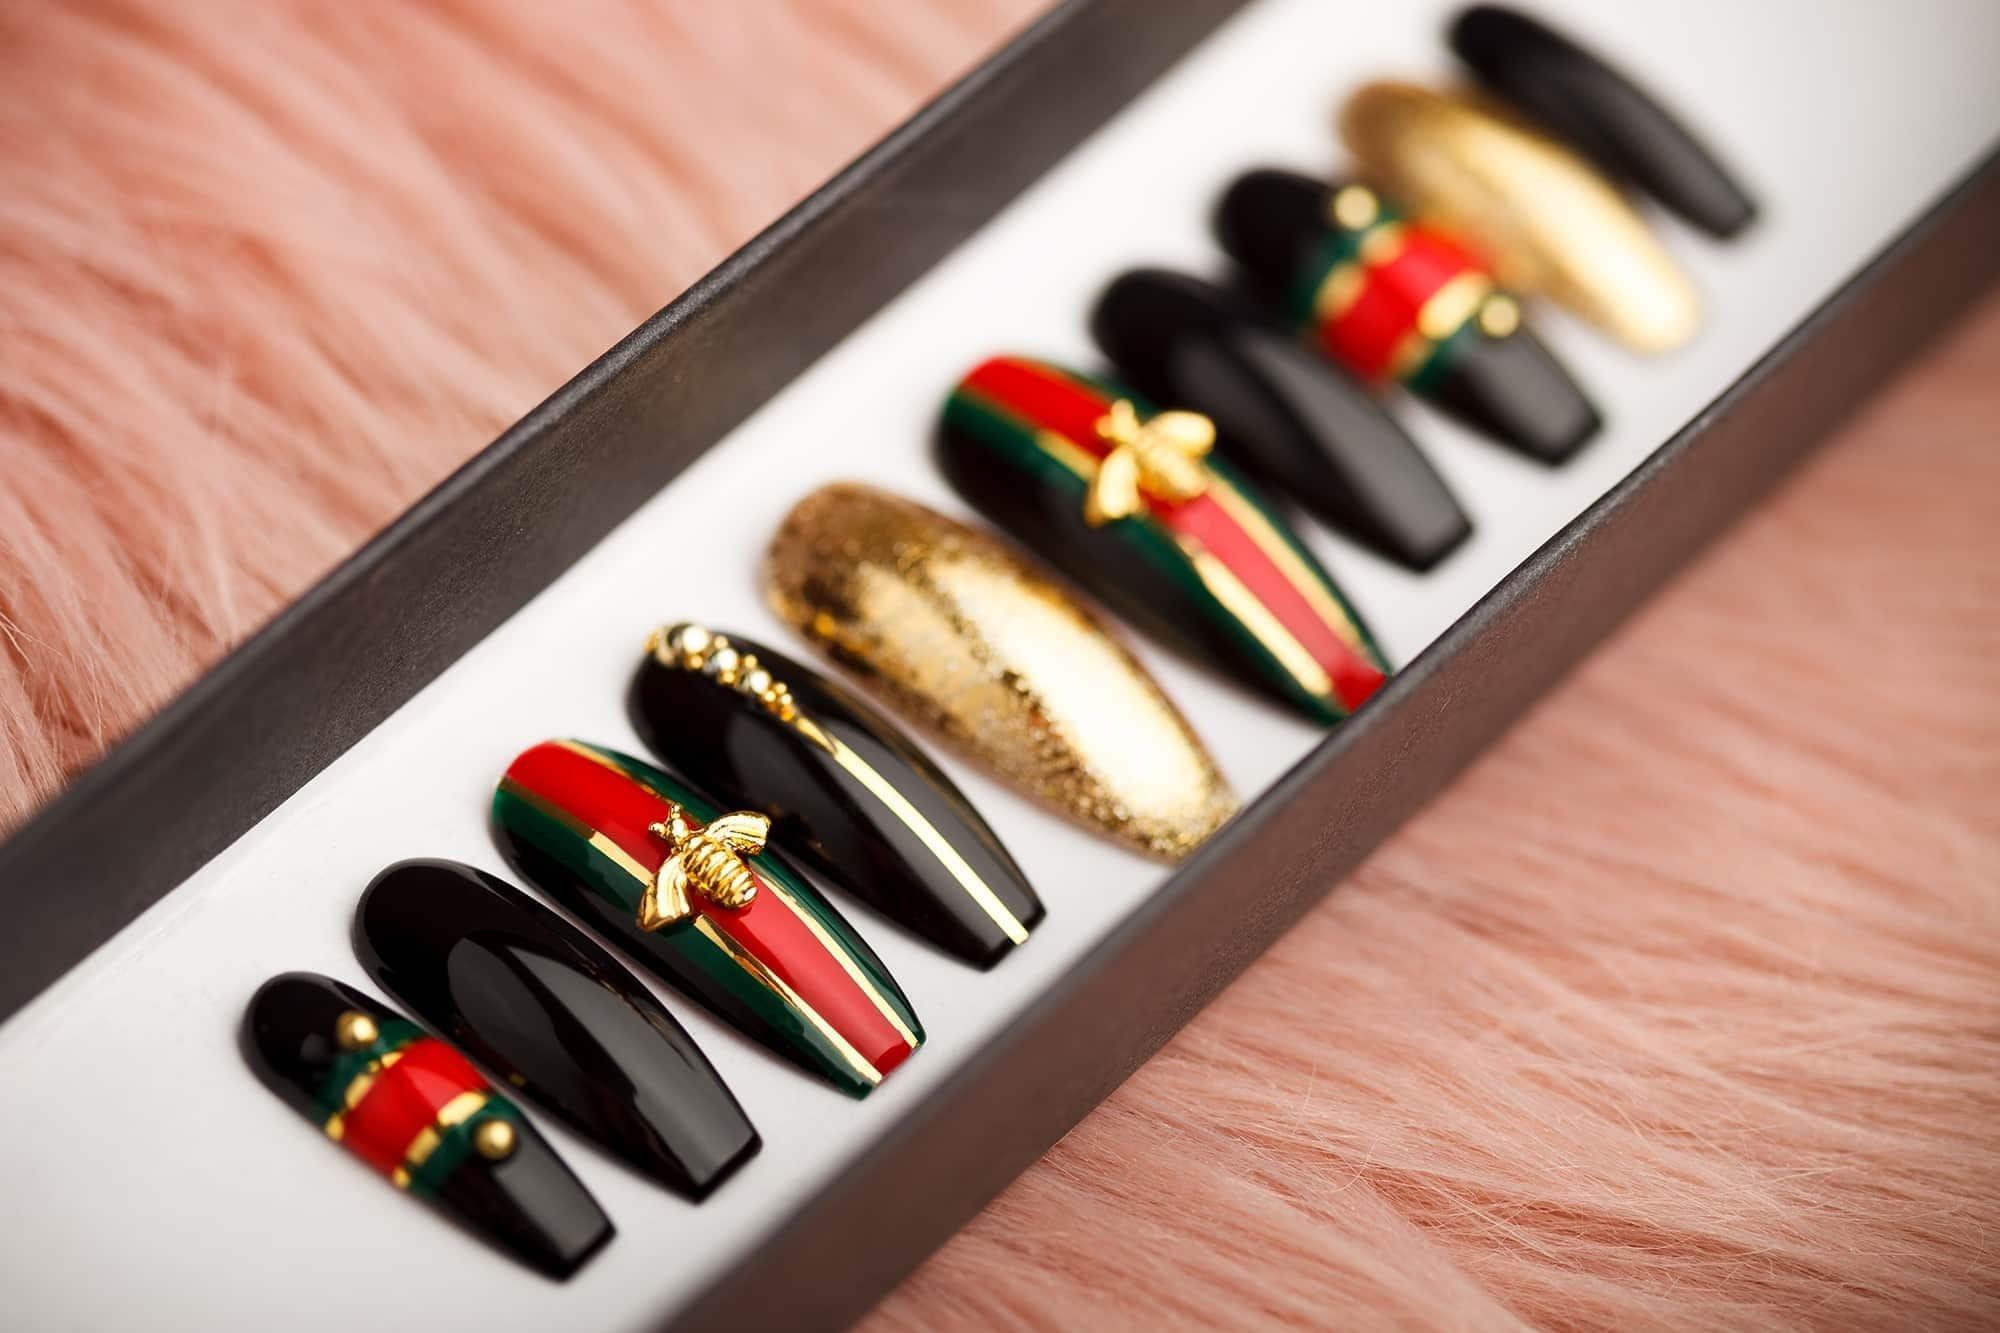 Golden Bees Press on Nails Fake Nails False Nails Glue | Etsy